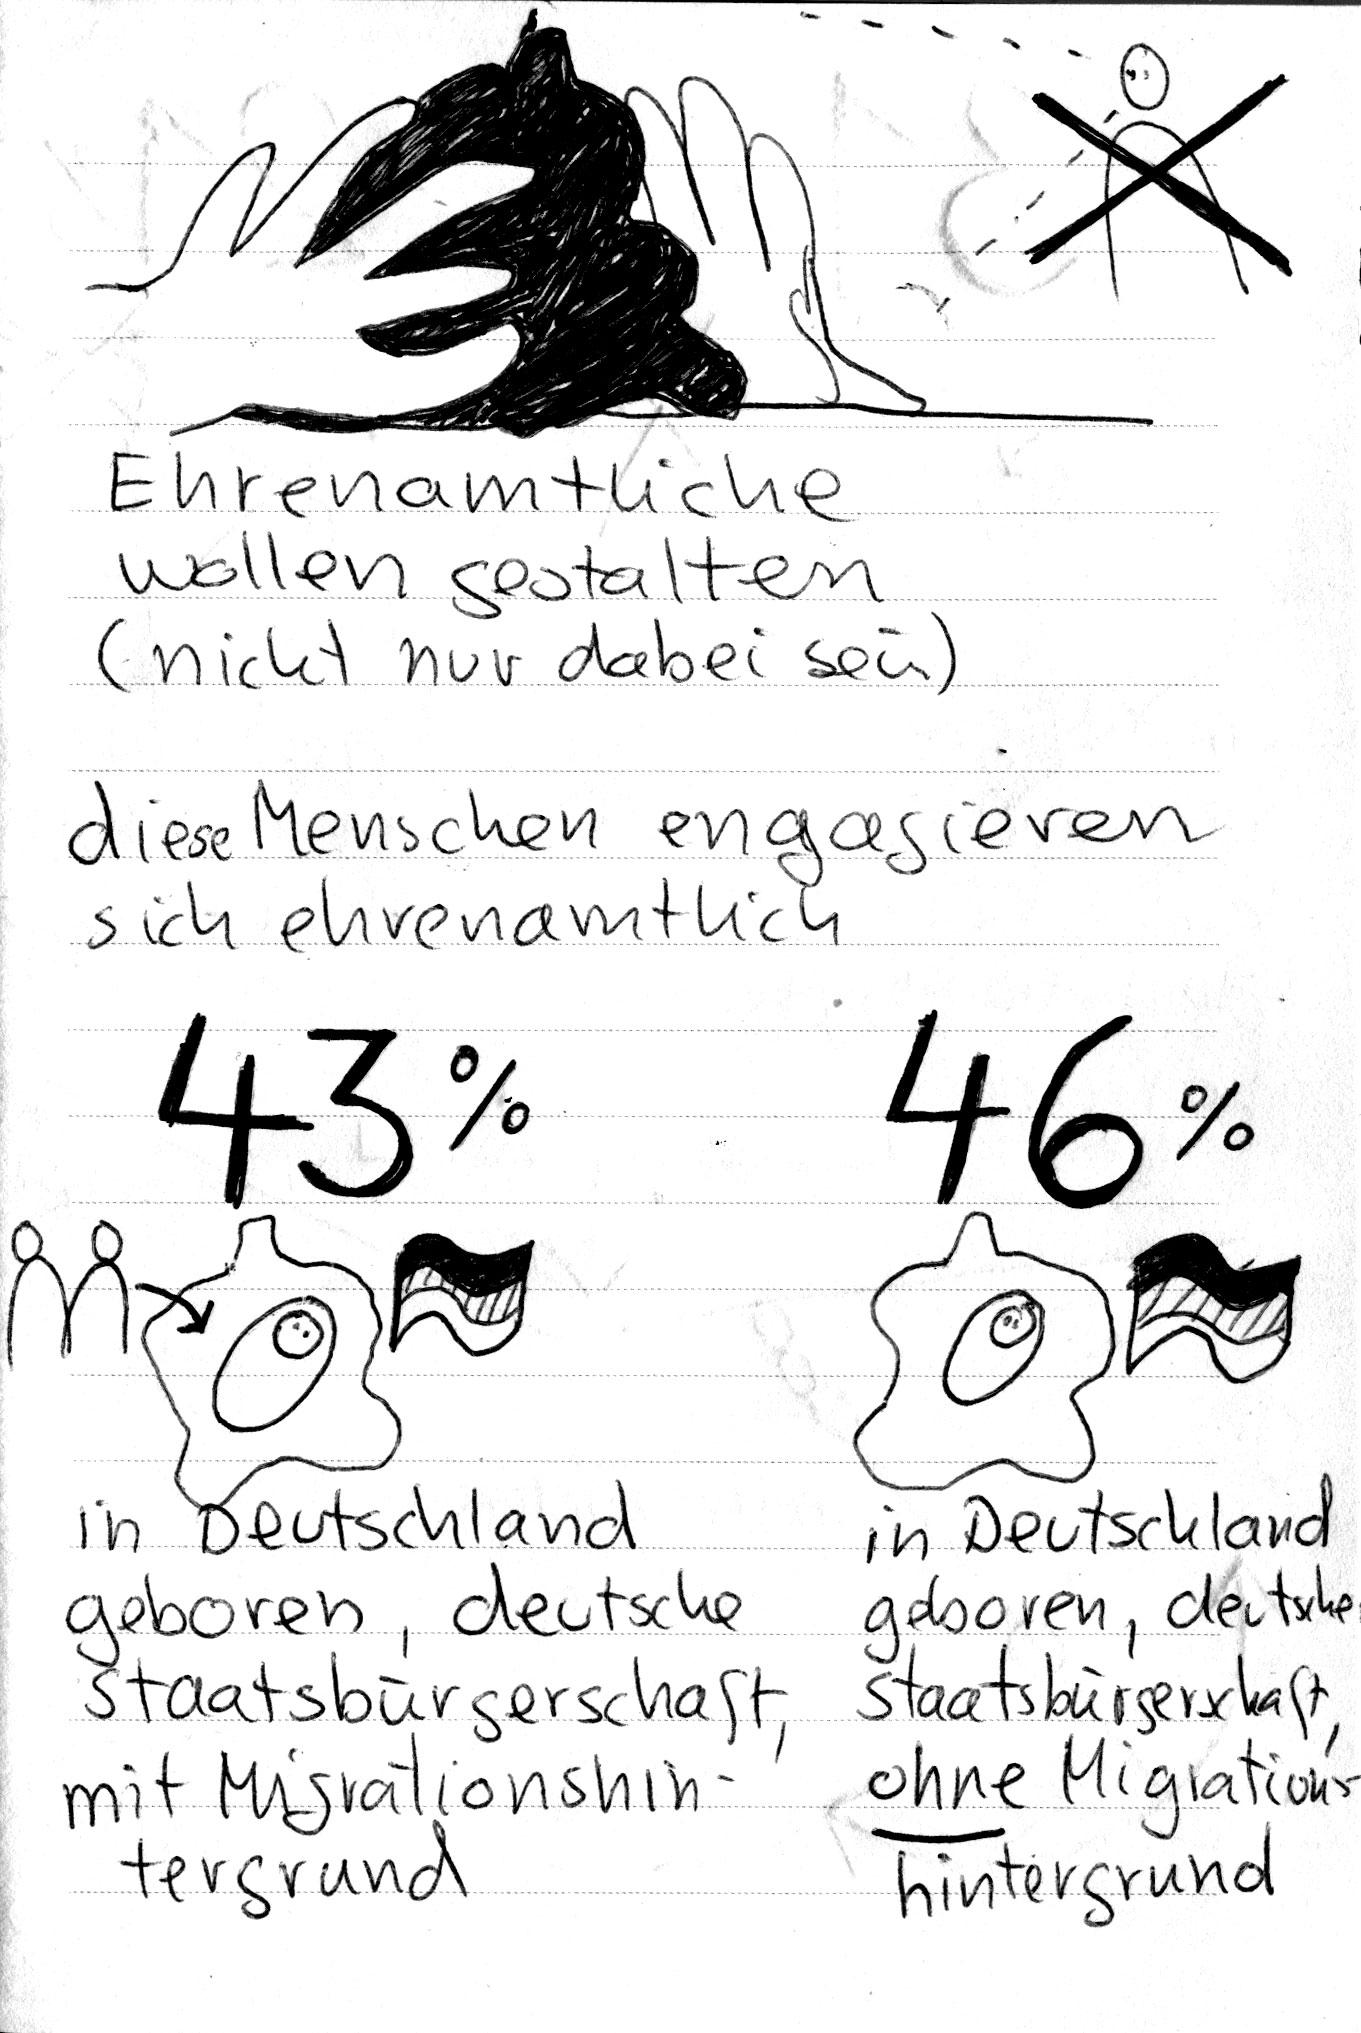 """""""Ehrenamtliche wollen gestalten"""", so viele wollen sich ehrenamtlich engagieren: 43% der in Deutschland geborenen mit einet deutschen Staatsbürgerschaft und Mgrantionshintegrund und 46 % der in Dtl geborenen und dt Staatsbürgerschaft und OHNE Migrationshintergrund"""" – Aussage von Lamsa über ihre Ziele festgehalten in Sketchnotes zur Lamsa Frühjahrsakademie"""